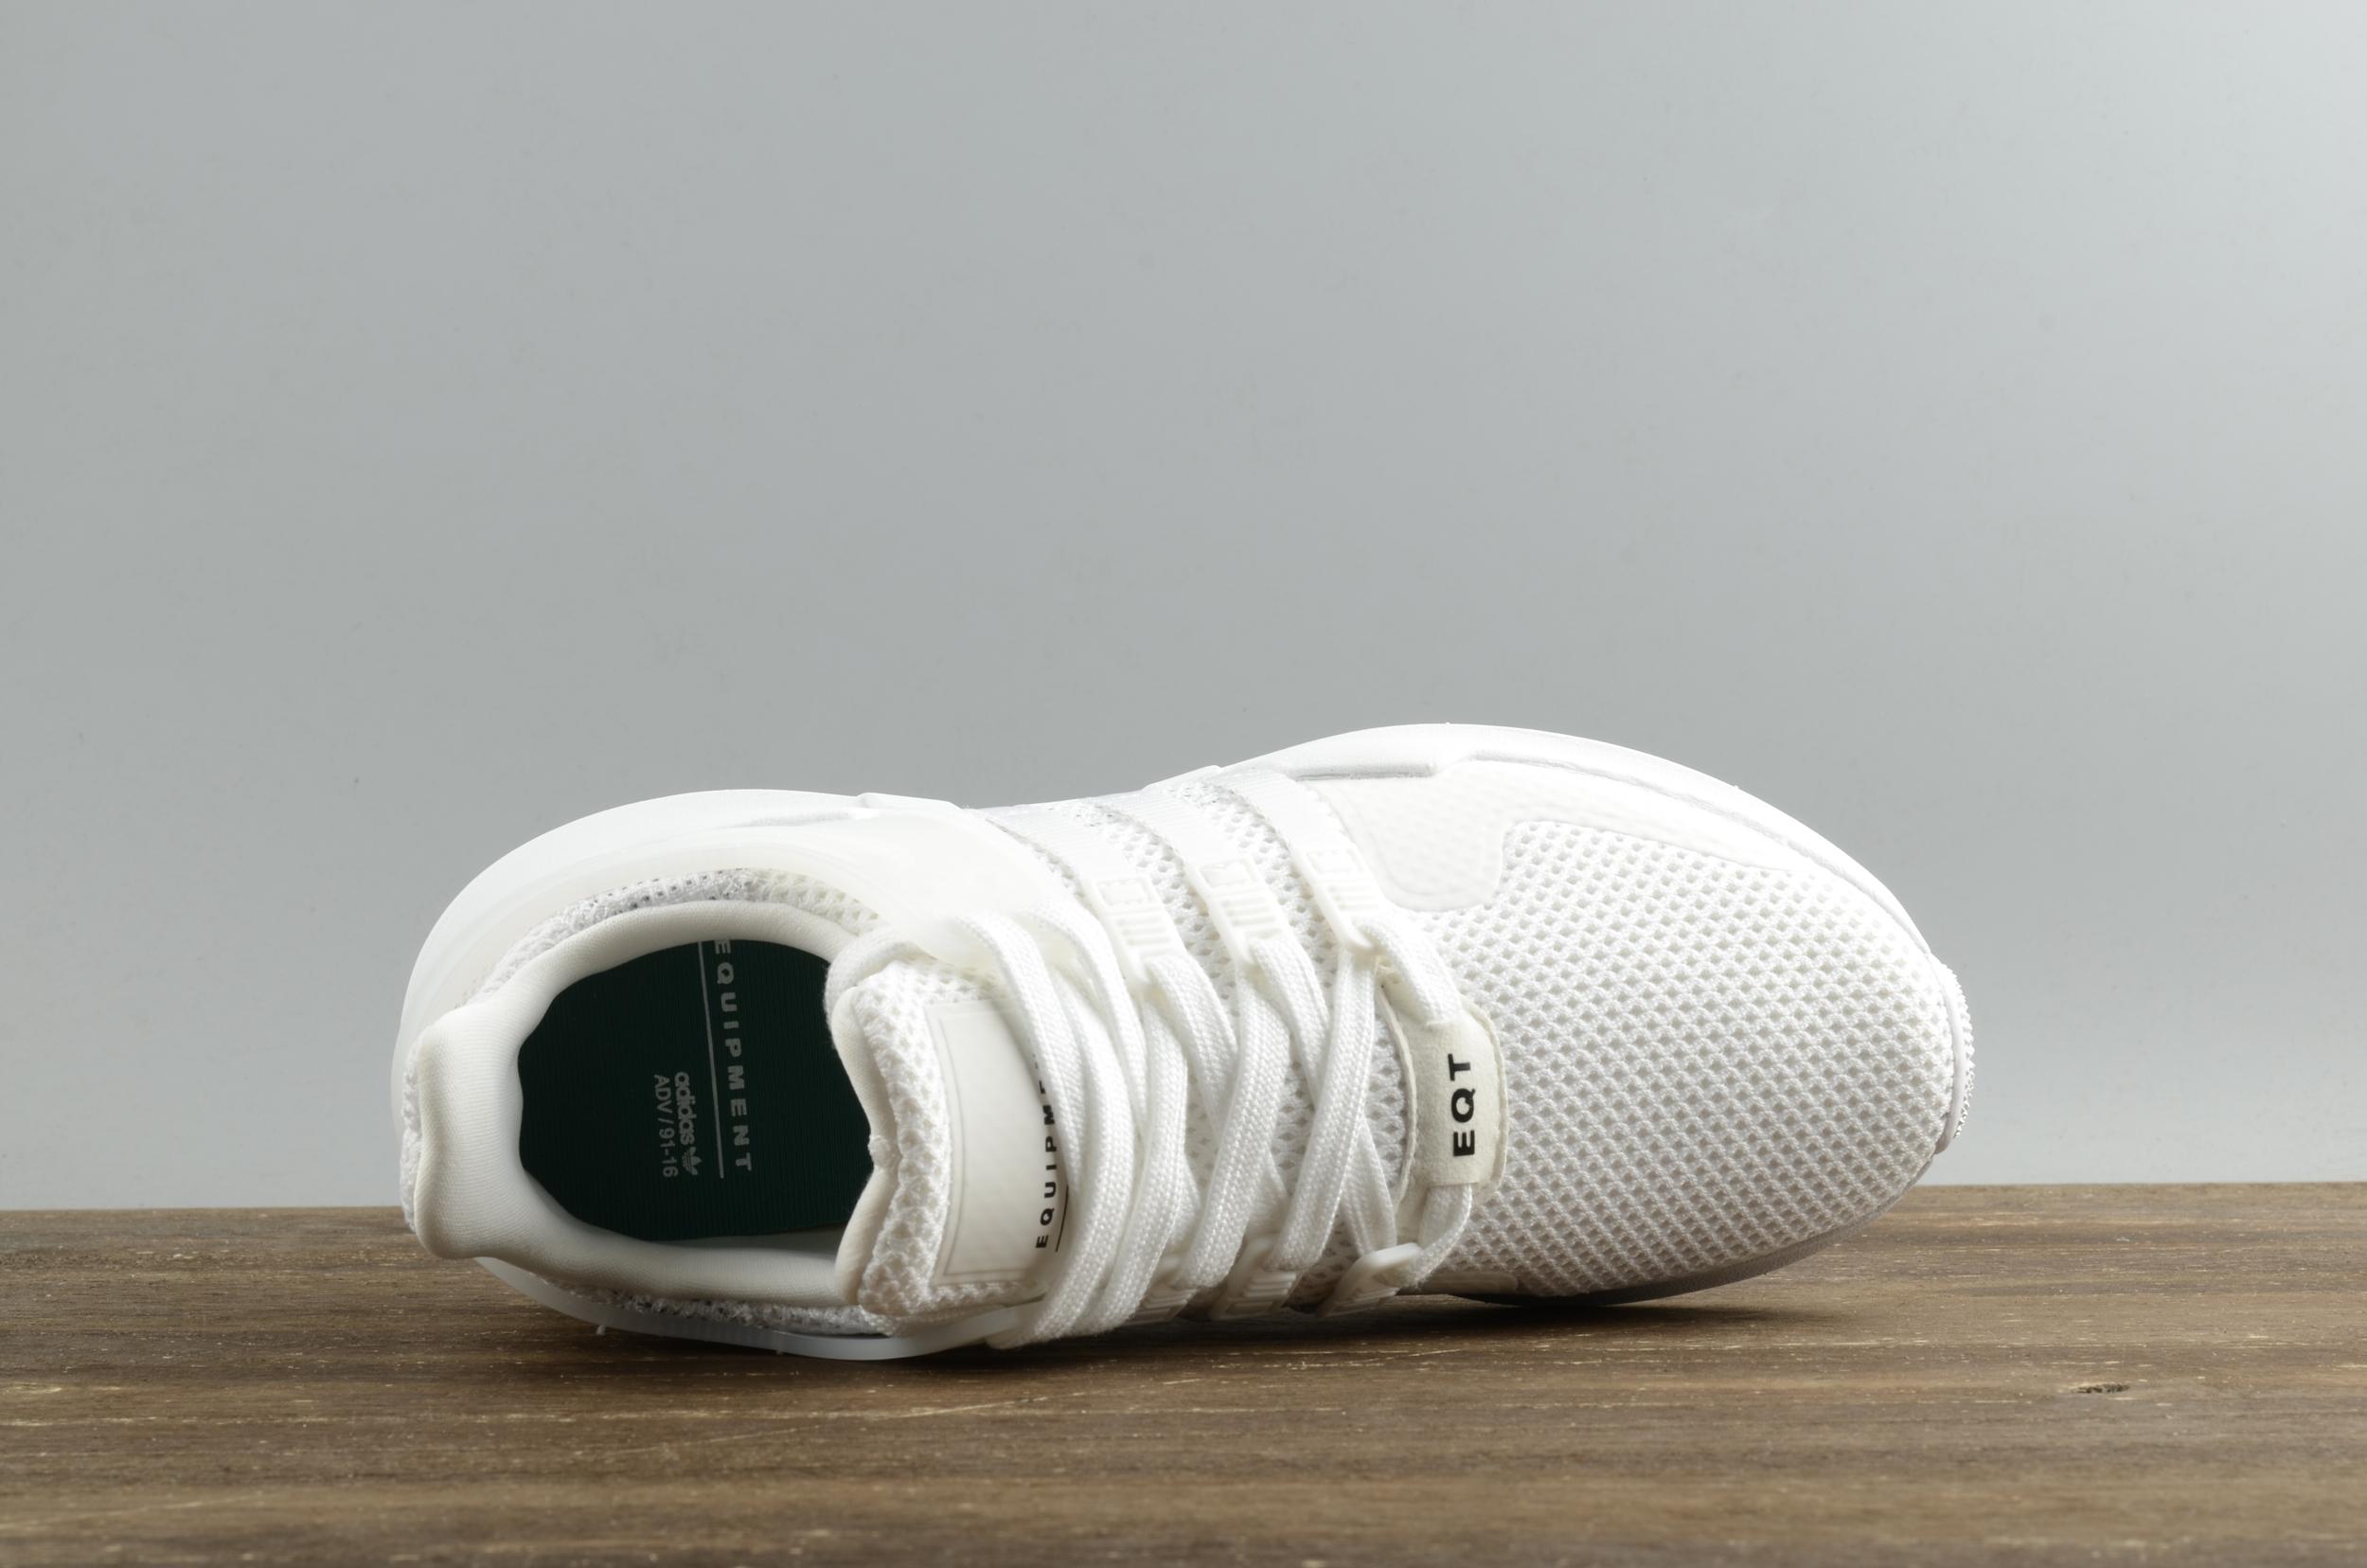 adidas eqt appoggio avanzata pk 93 bianco le scarpe da corsa storenvy